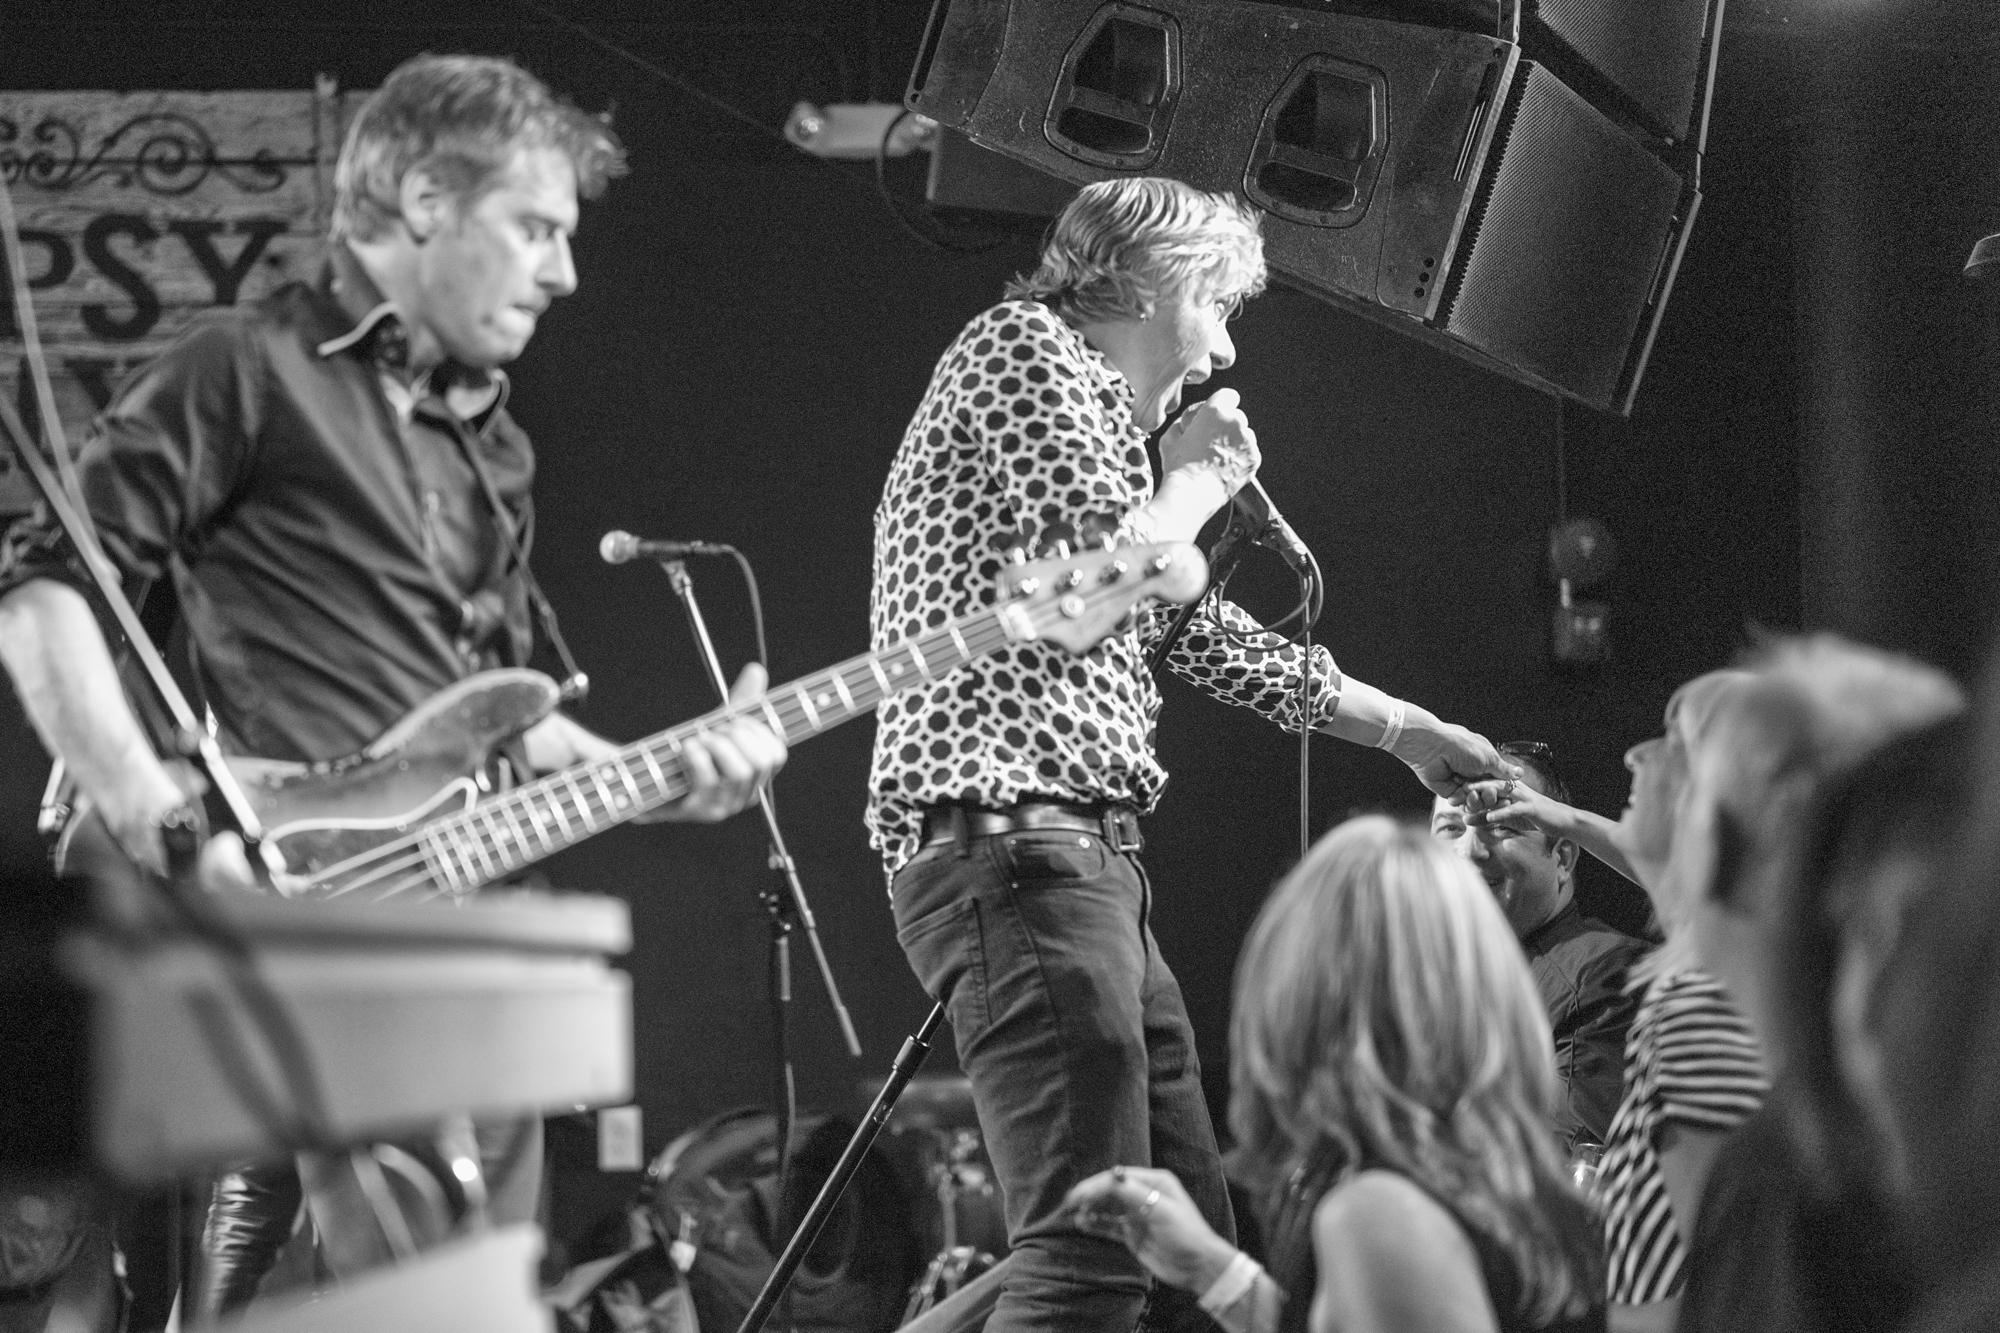 Bientôt En Concert Chez Nous – The Fleshtones, Blow, Razorlight